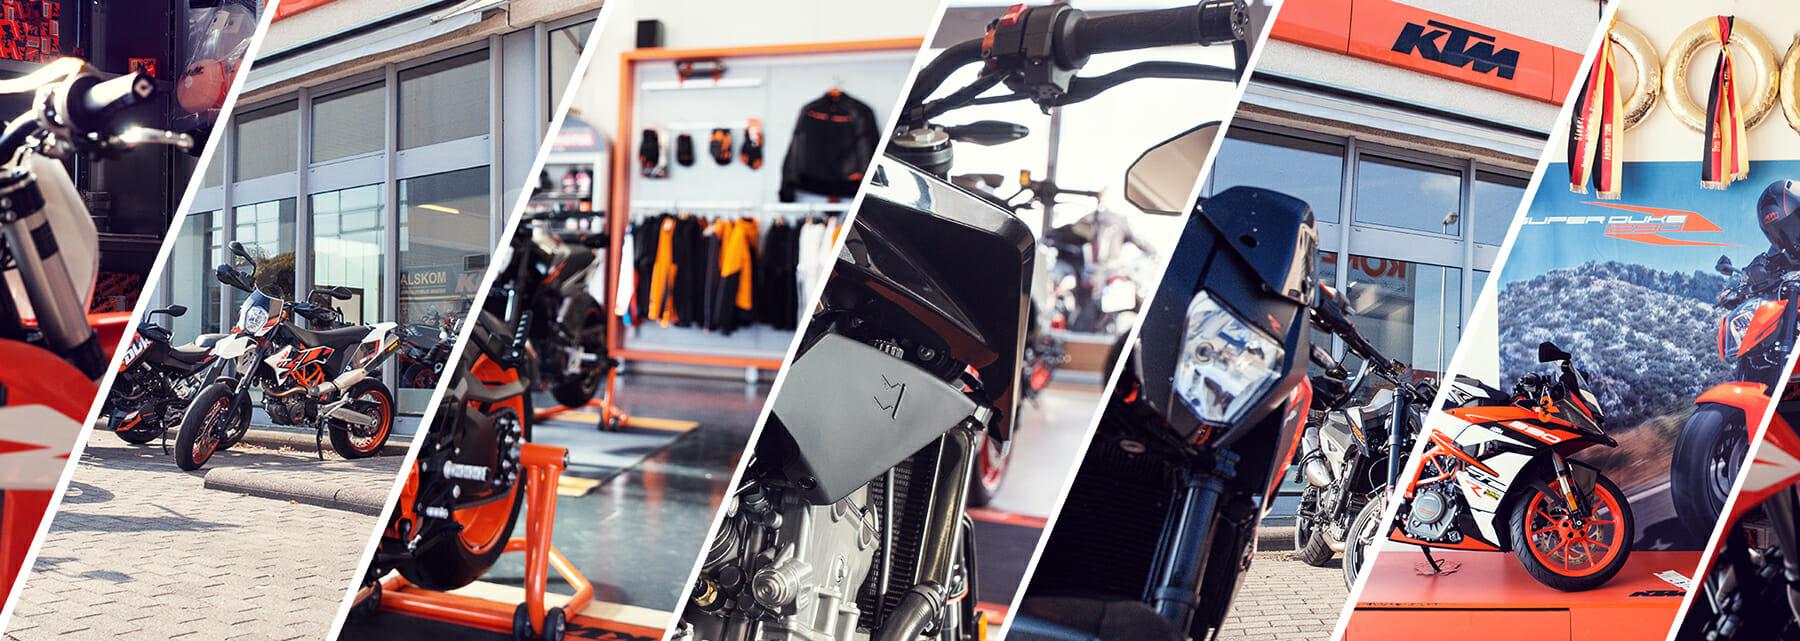 Alskom Motocycle GmbH